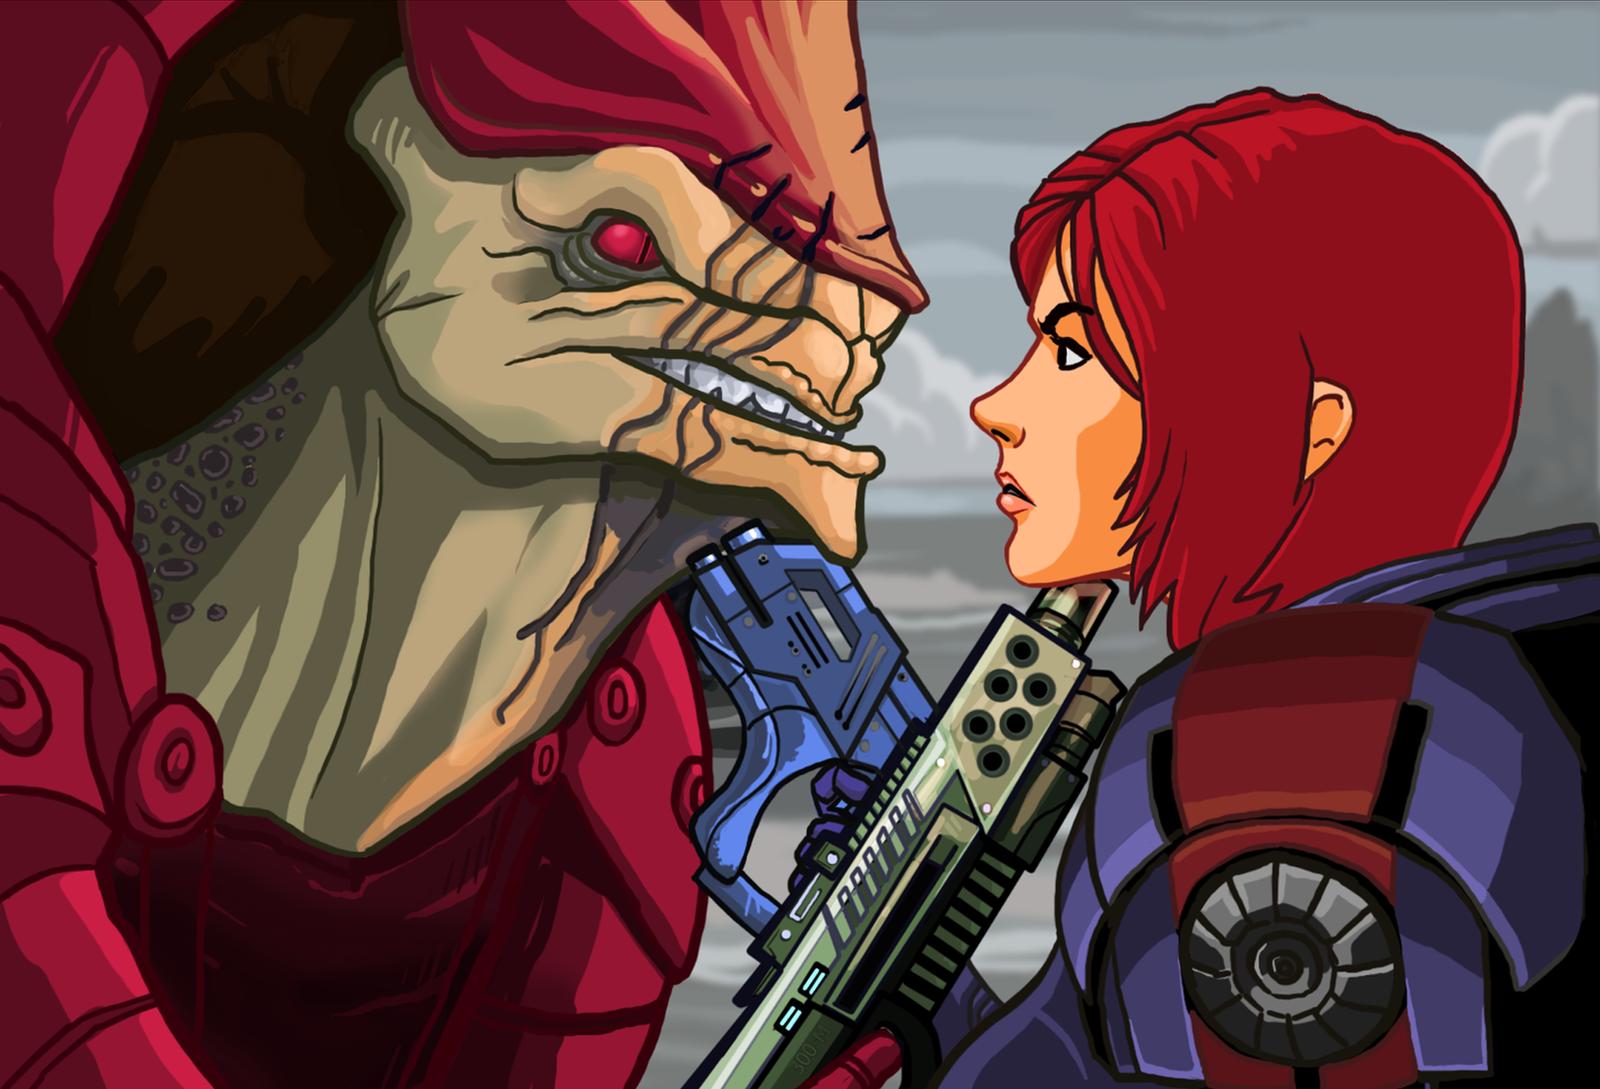 Mass Effect Cartoon Mock-Up 7 by Garrenh